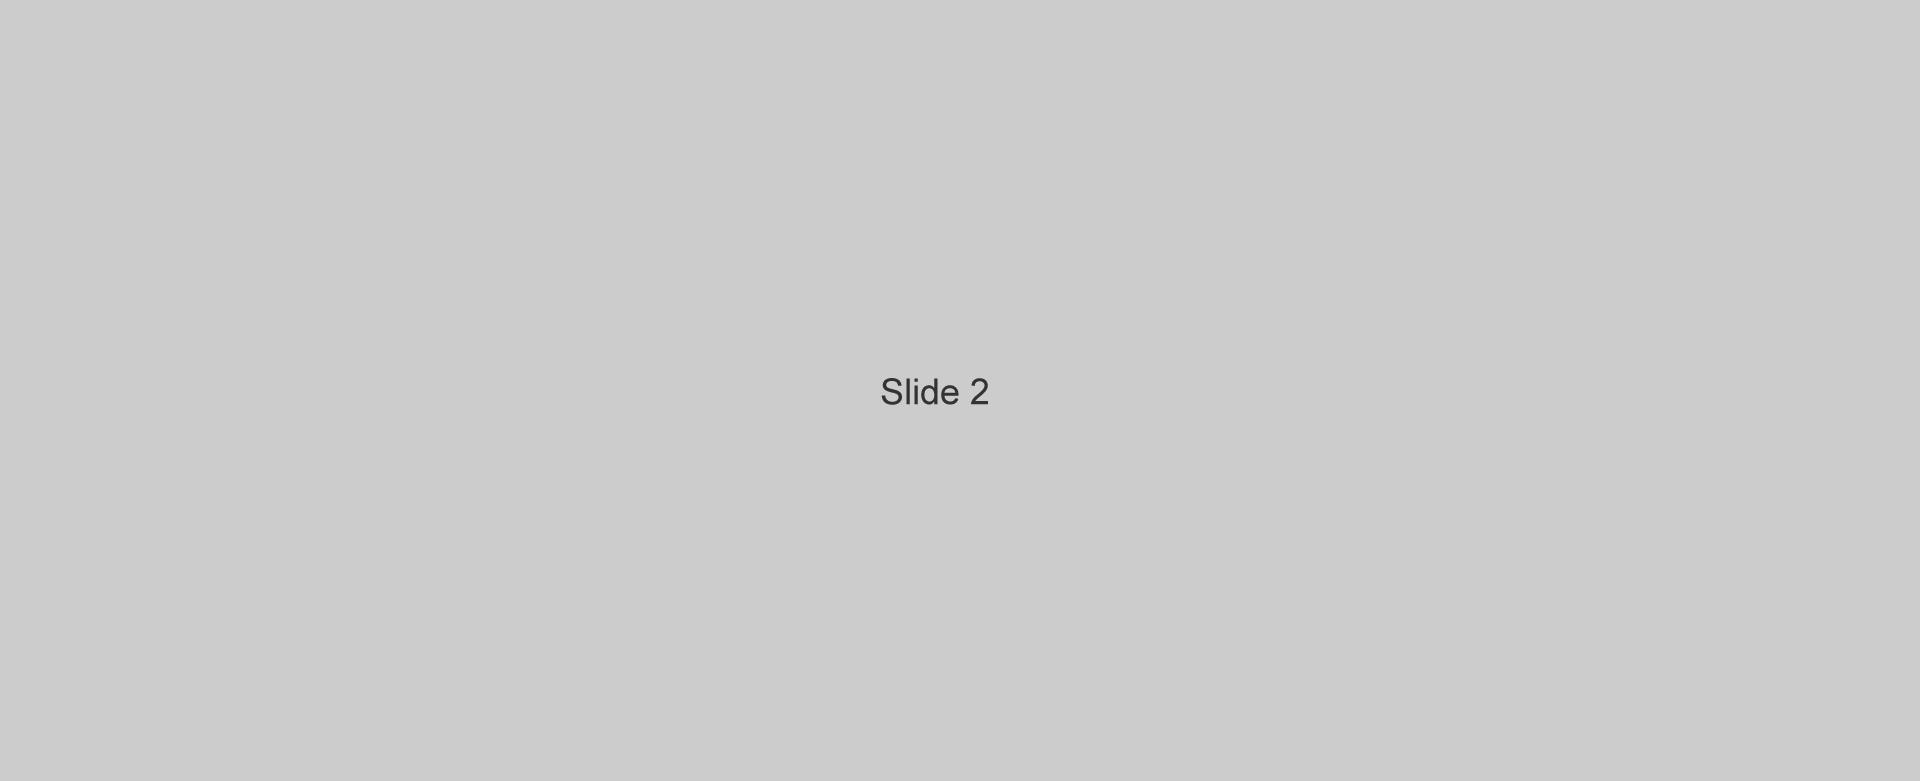 Slide title 2